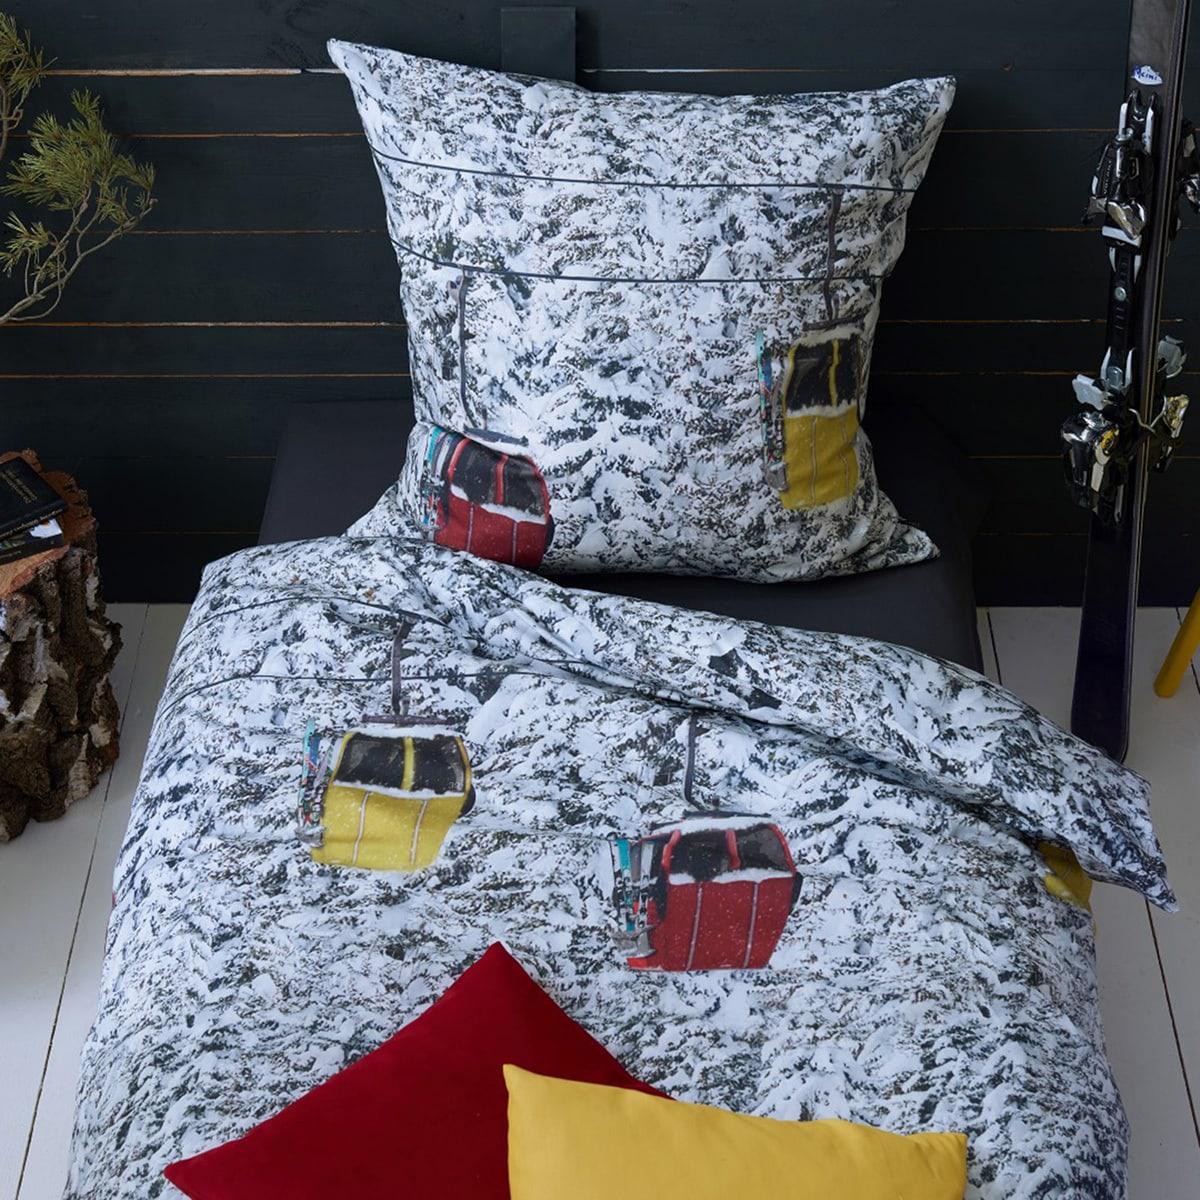 apelt mako satin bettw sche enno wei grau gelb rot g nstig online kaufen bei bettwaren shop. Black Bedroom Furniture Sets. Home Design Ideas